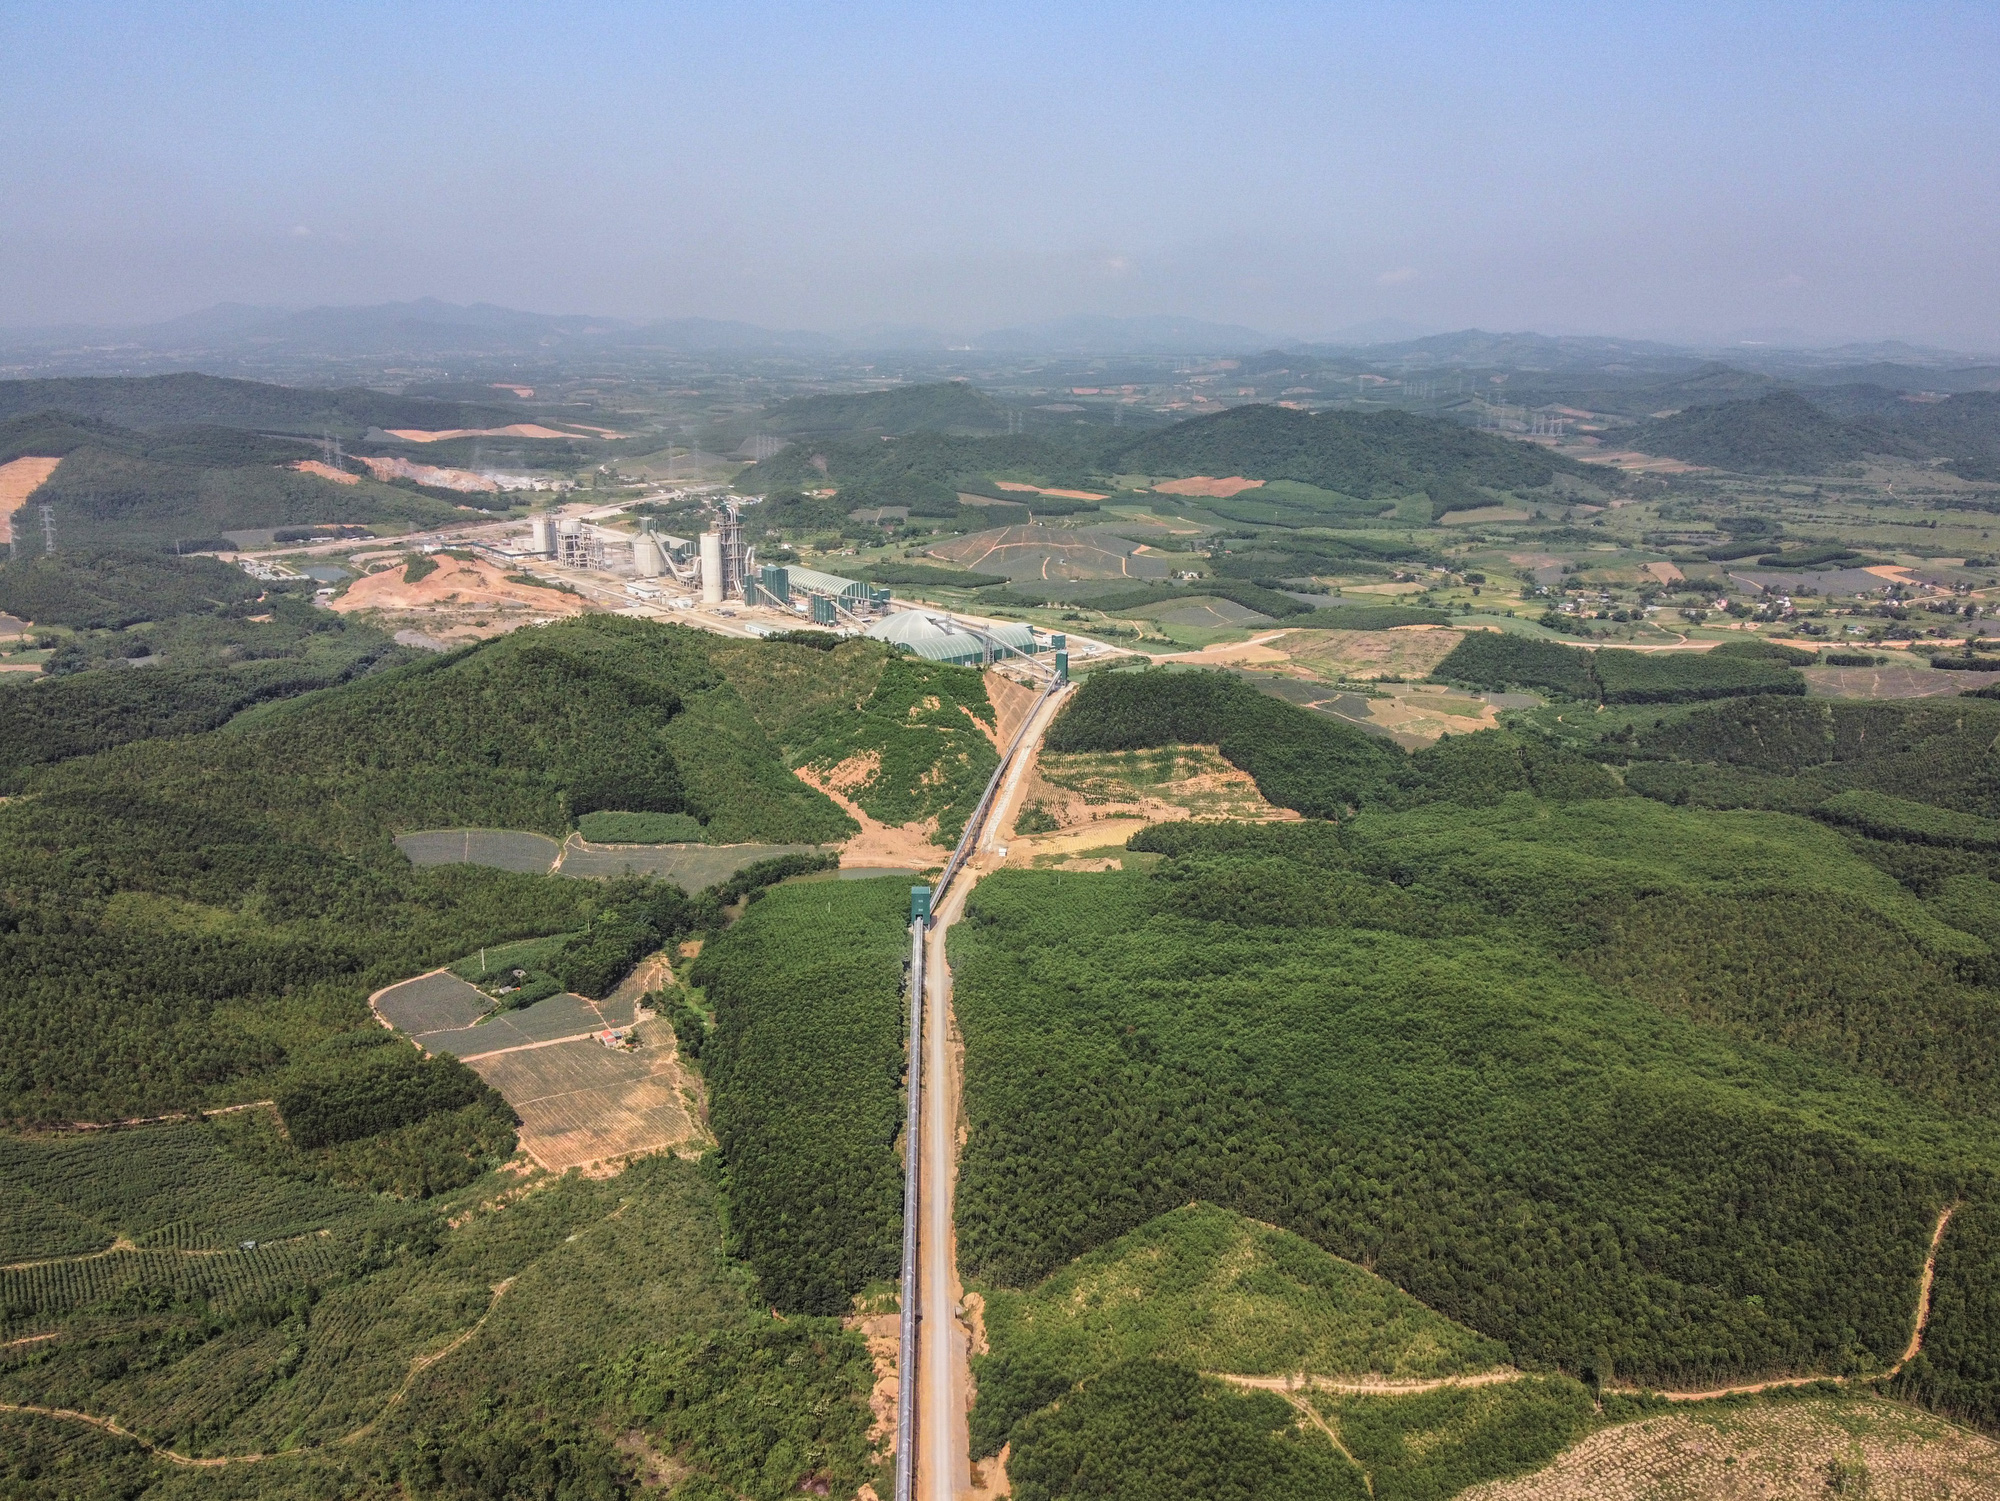 Khám phá công nghệ sản xuất xanh hiện đại bậc nhất của xi măng Tân Thắng - Ảnh 8.